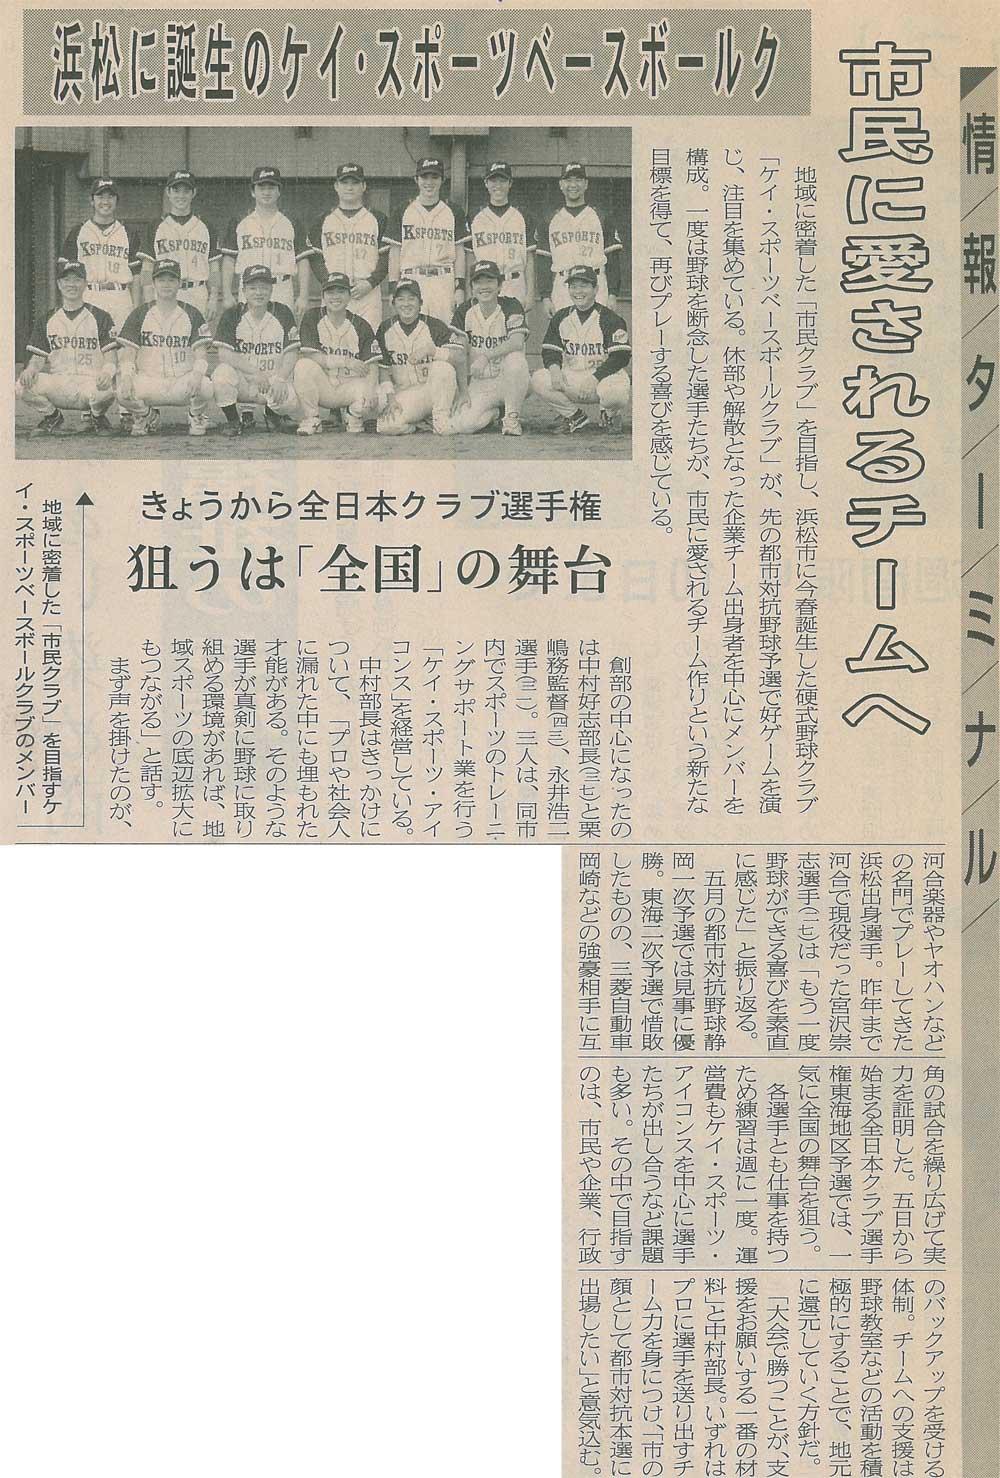 浜松に誕生のケイスポーツBC